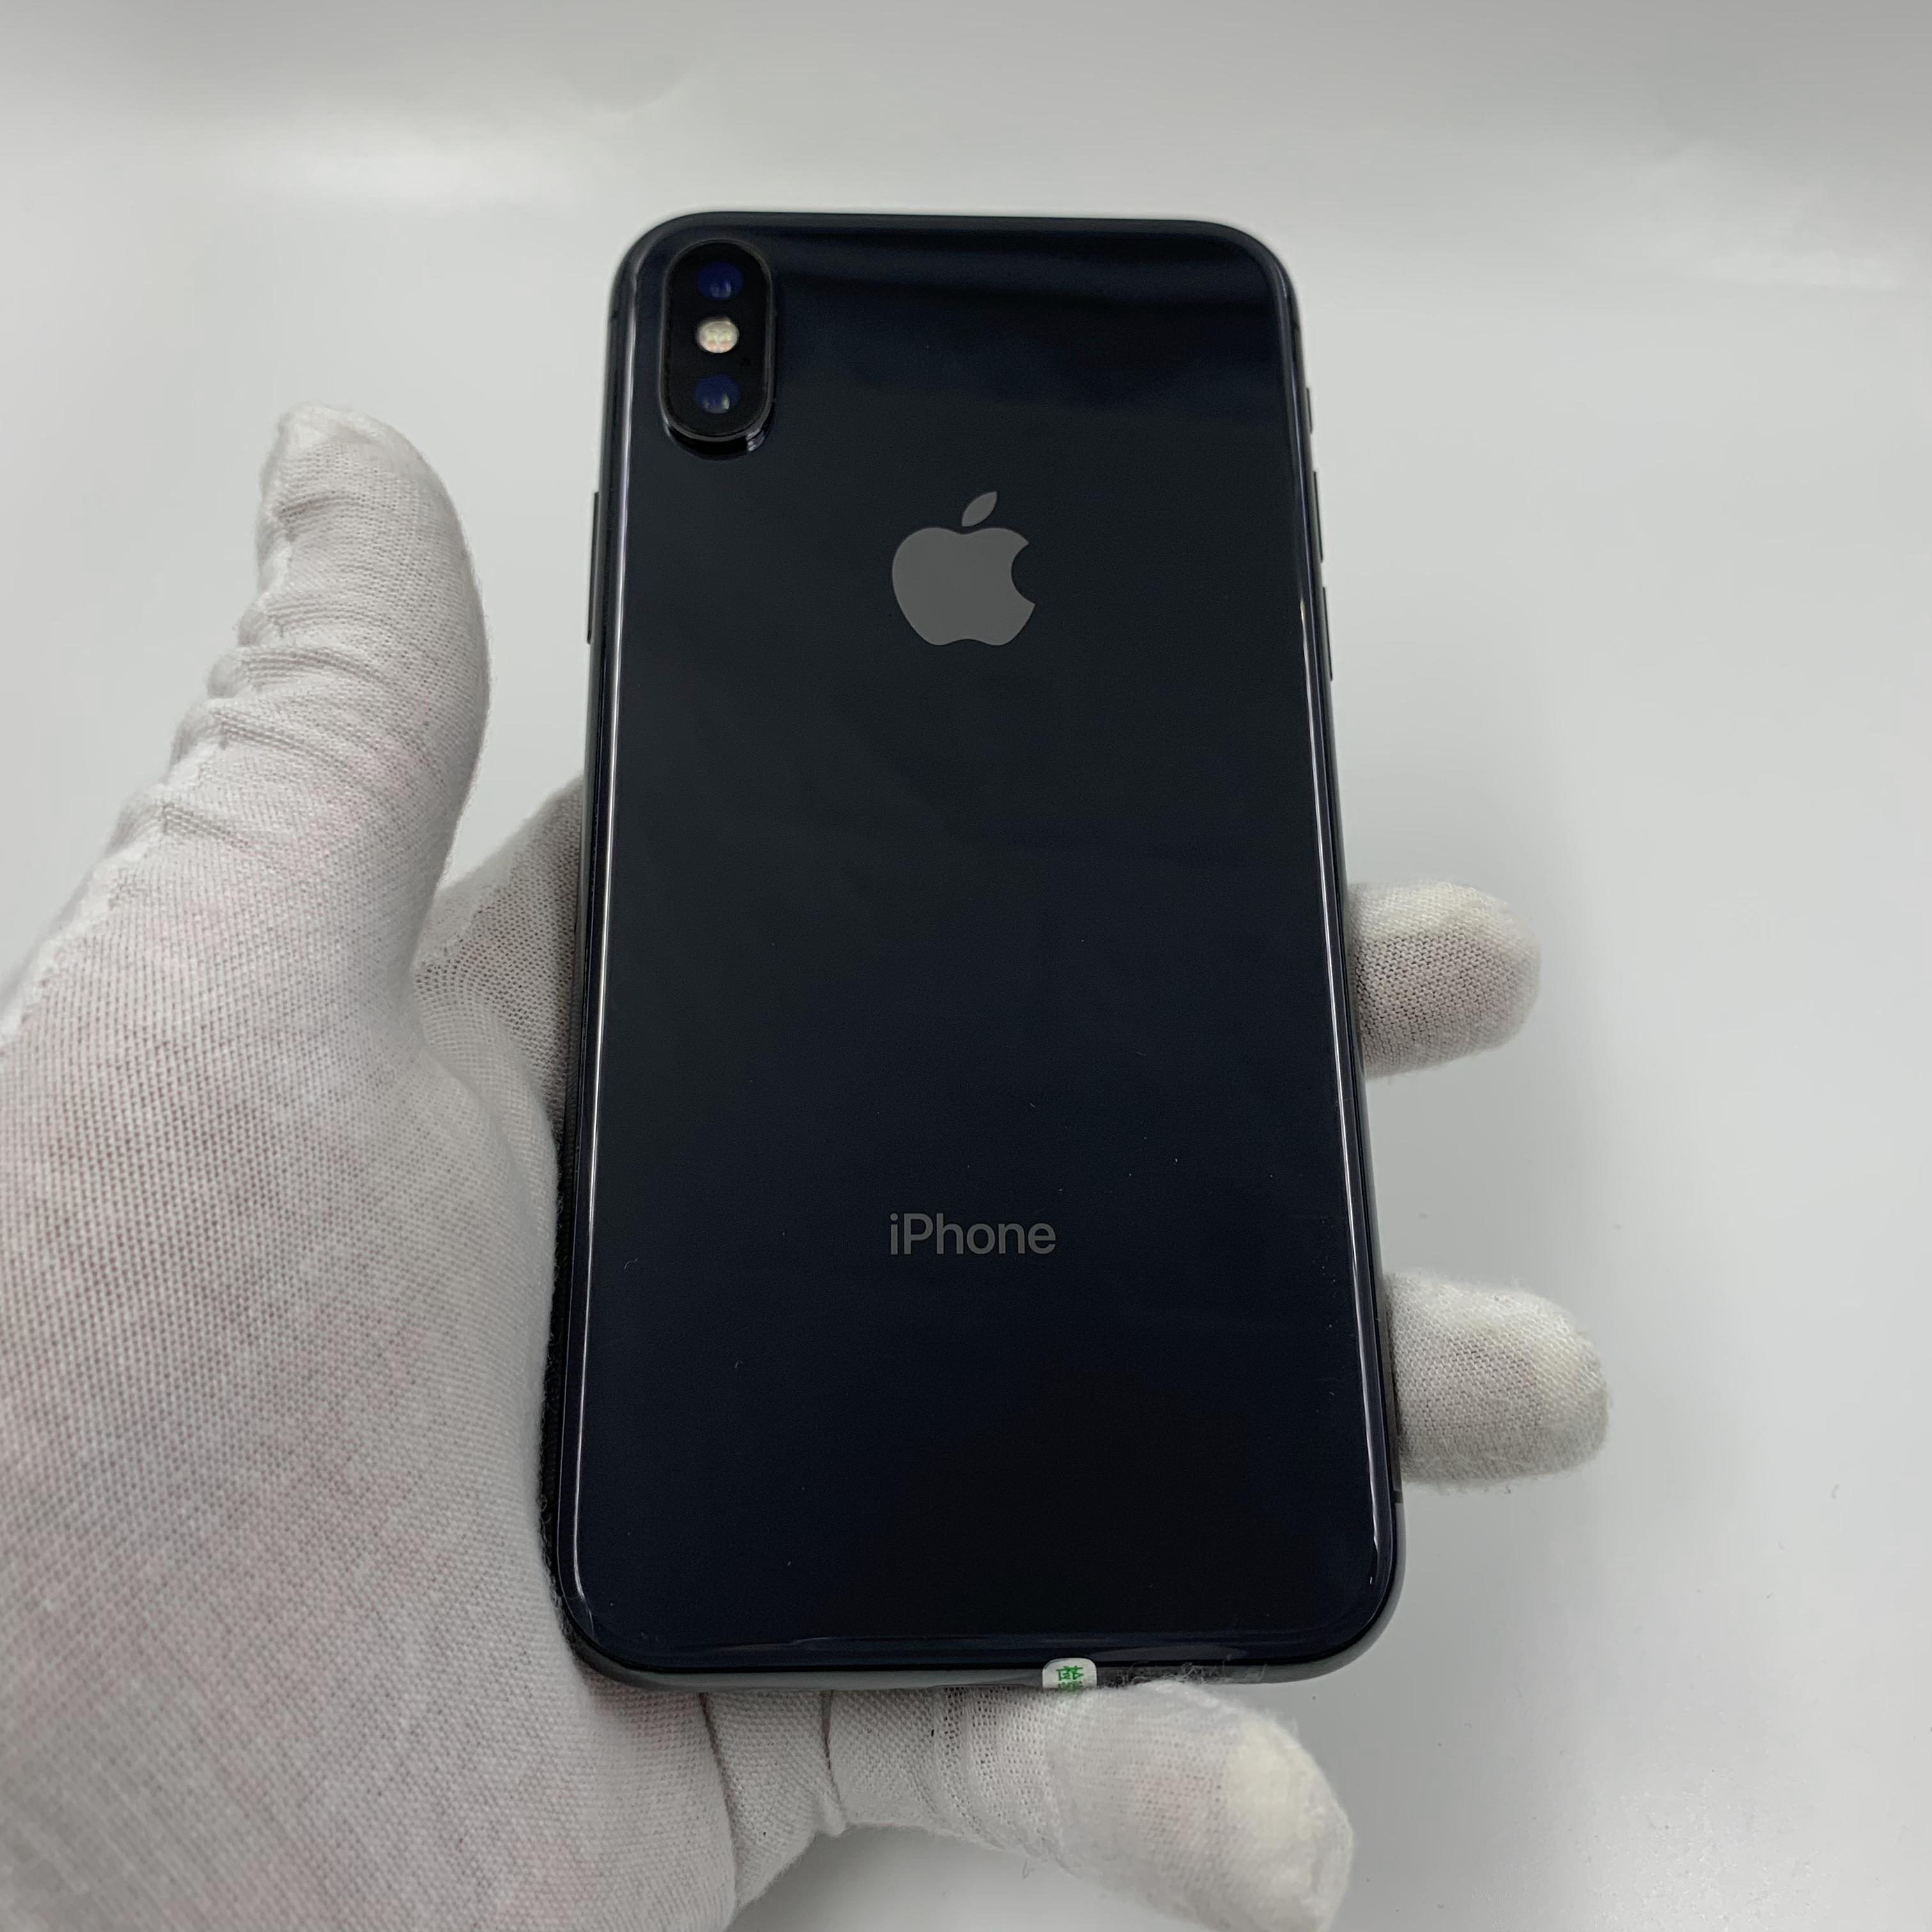 苹果【iPhone X】4G全网通 深空灰 64G 国行 95新 真机实拍